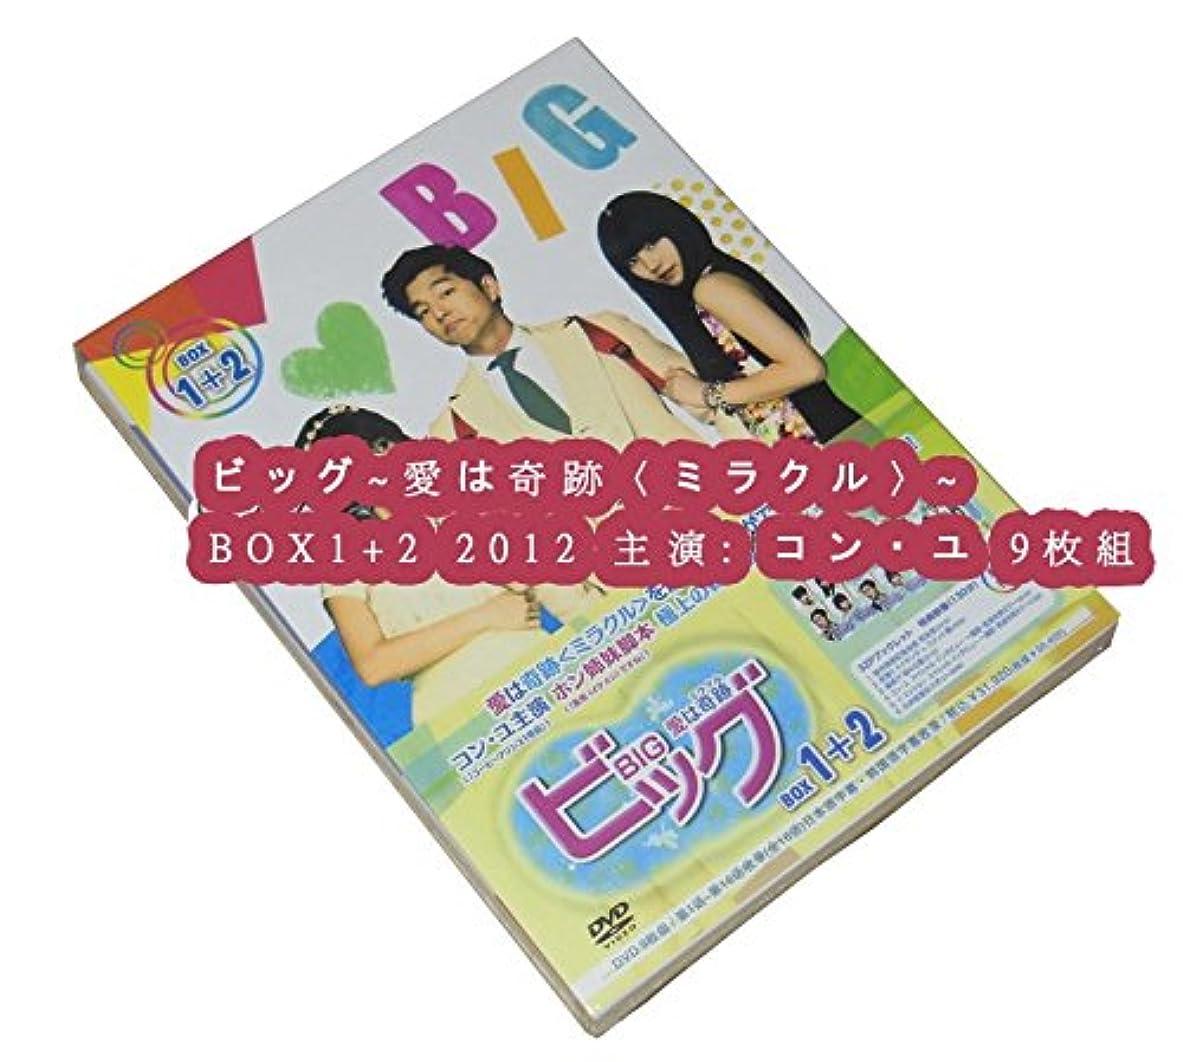 役立つブッシュあごひげビッグ~愛は奇跡〈ミラクル〉~ BOX1+2 2012 主演: コン?ユ